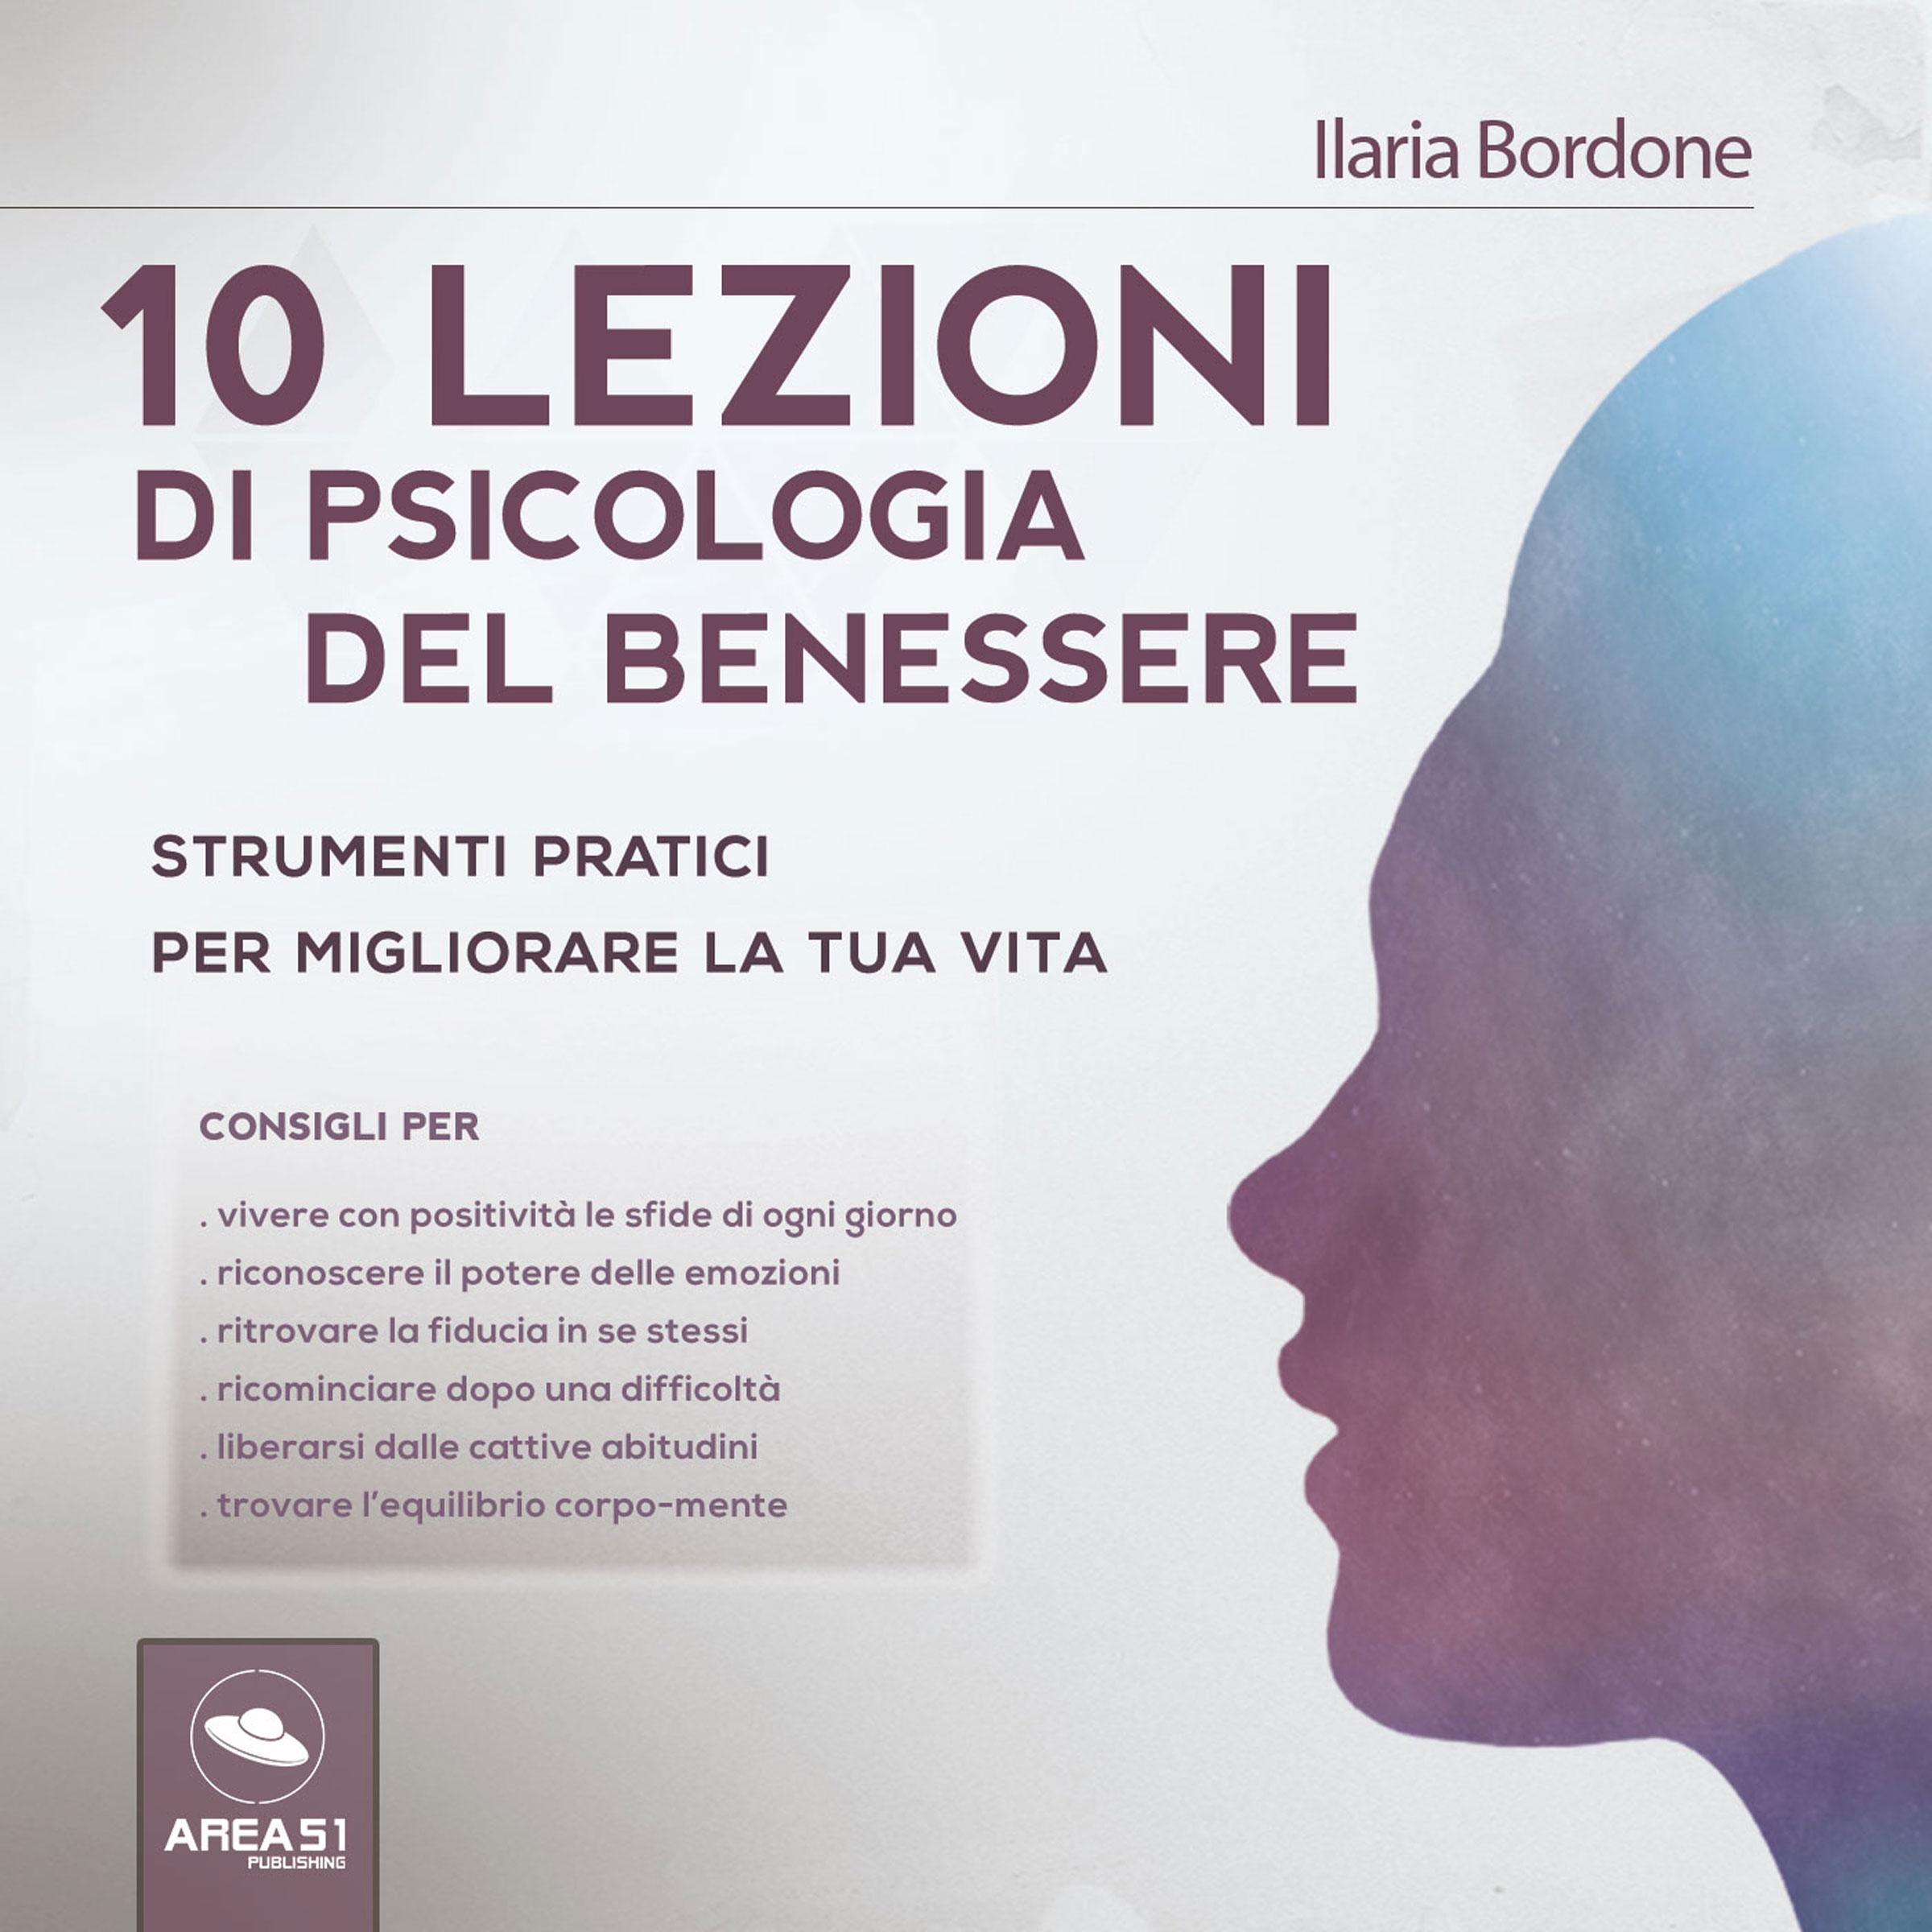 10 lezioni di psicologia del benessere-0